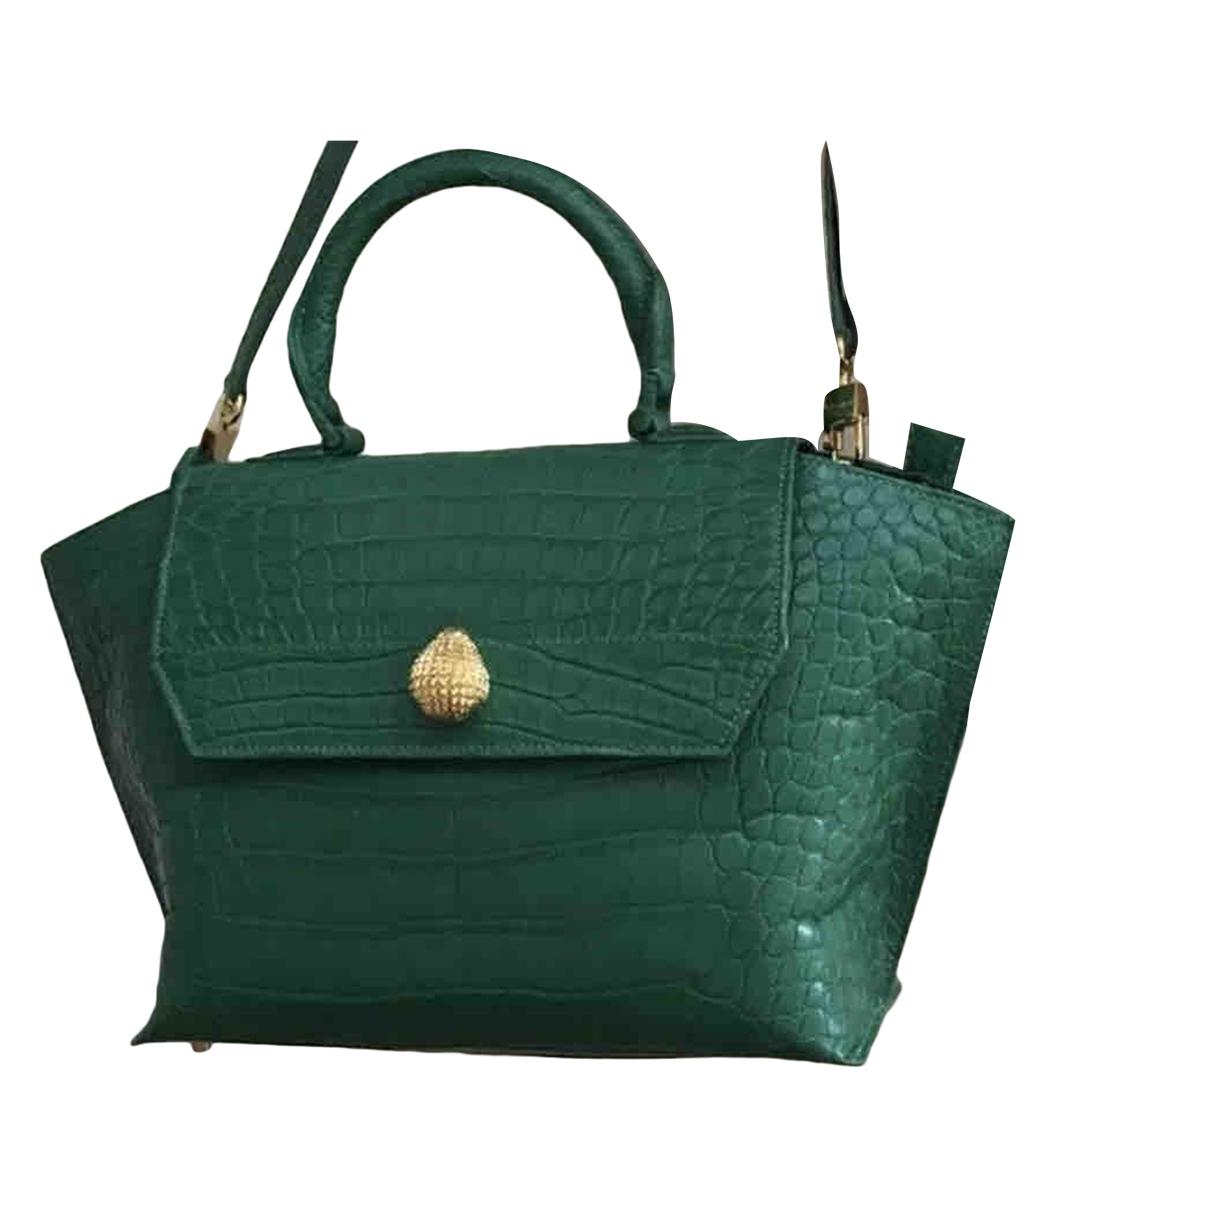 Ethan K \N Green Crocodile handbag for Women \N